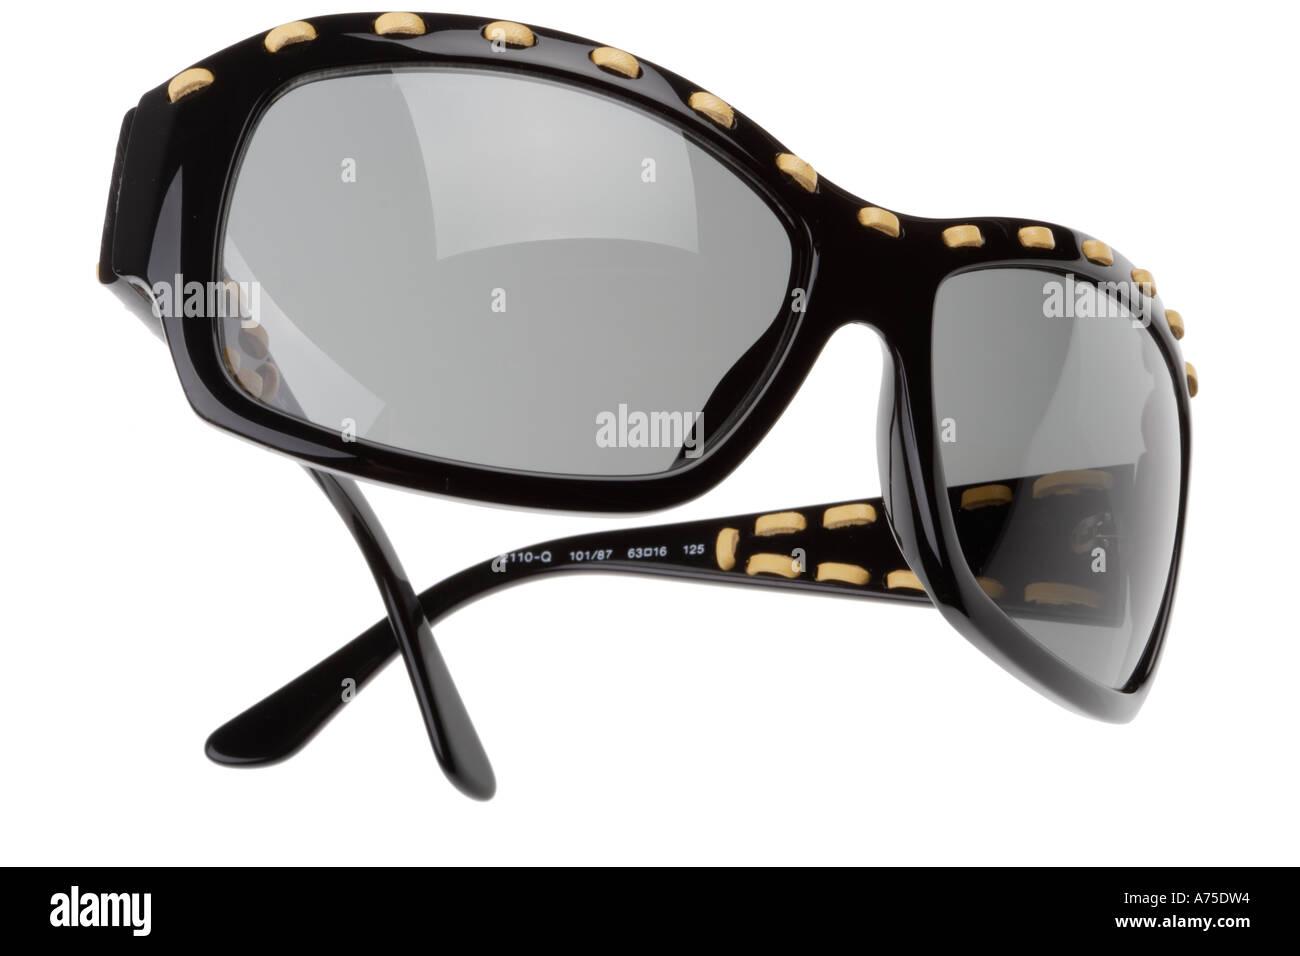 Salvatore Ferragamo ladies sun shades - Stock Image